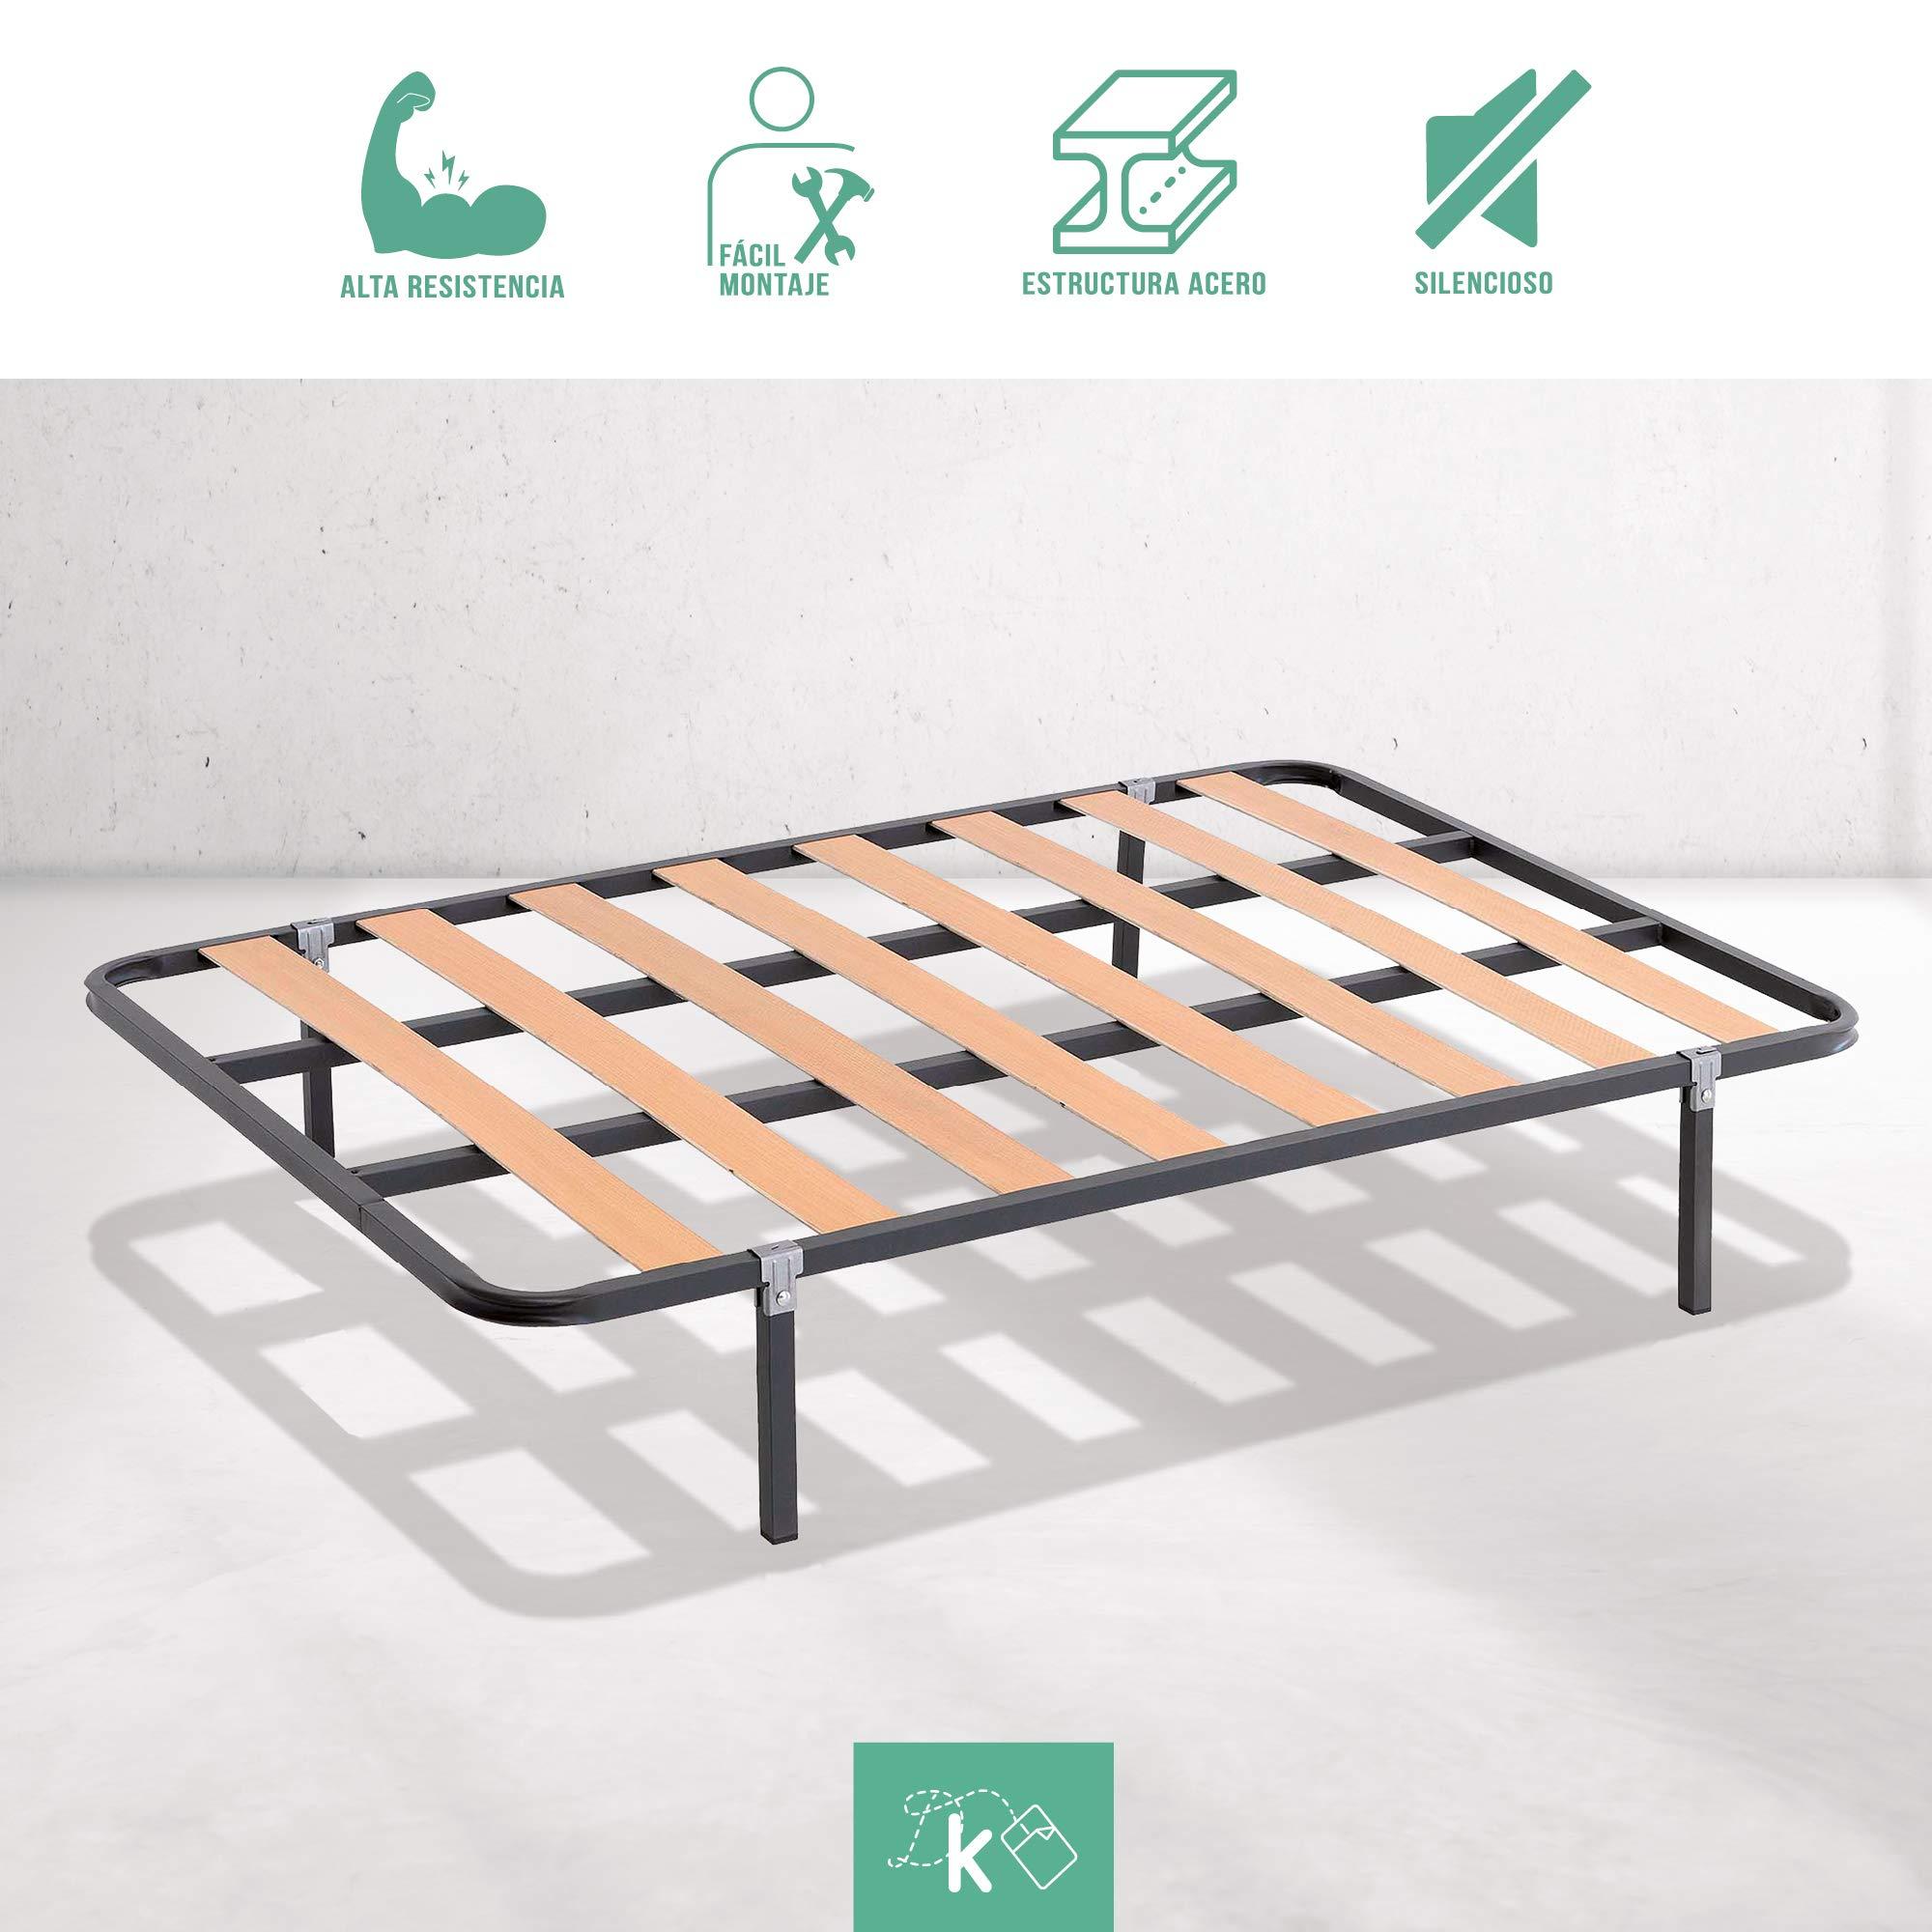 Dreaming Kamahaus SOMIER de lámina Ancha Estructura de 30x30 | 150 x 200 cms.| Láminas de Chopo | Compatible con Patas cuadradas con Abrazadera (No Incluidas) | Fabricado en España |: Amazon.es: Hogar